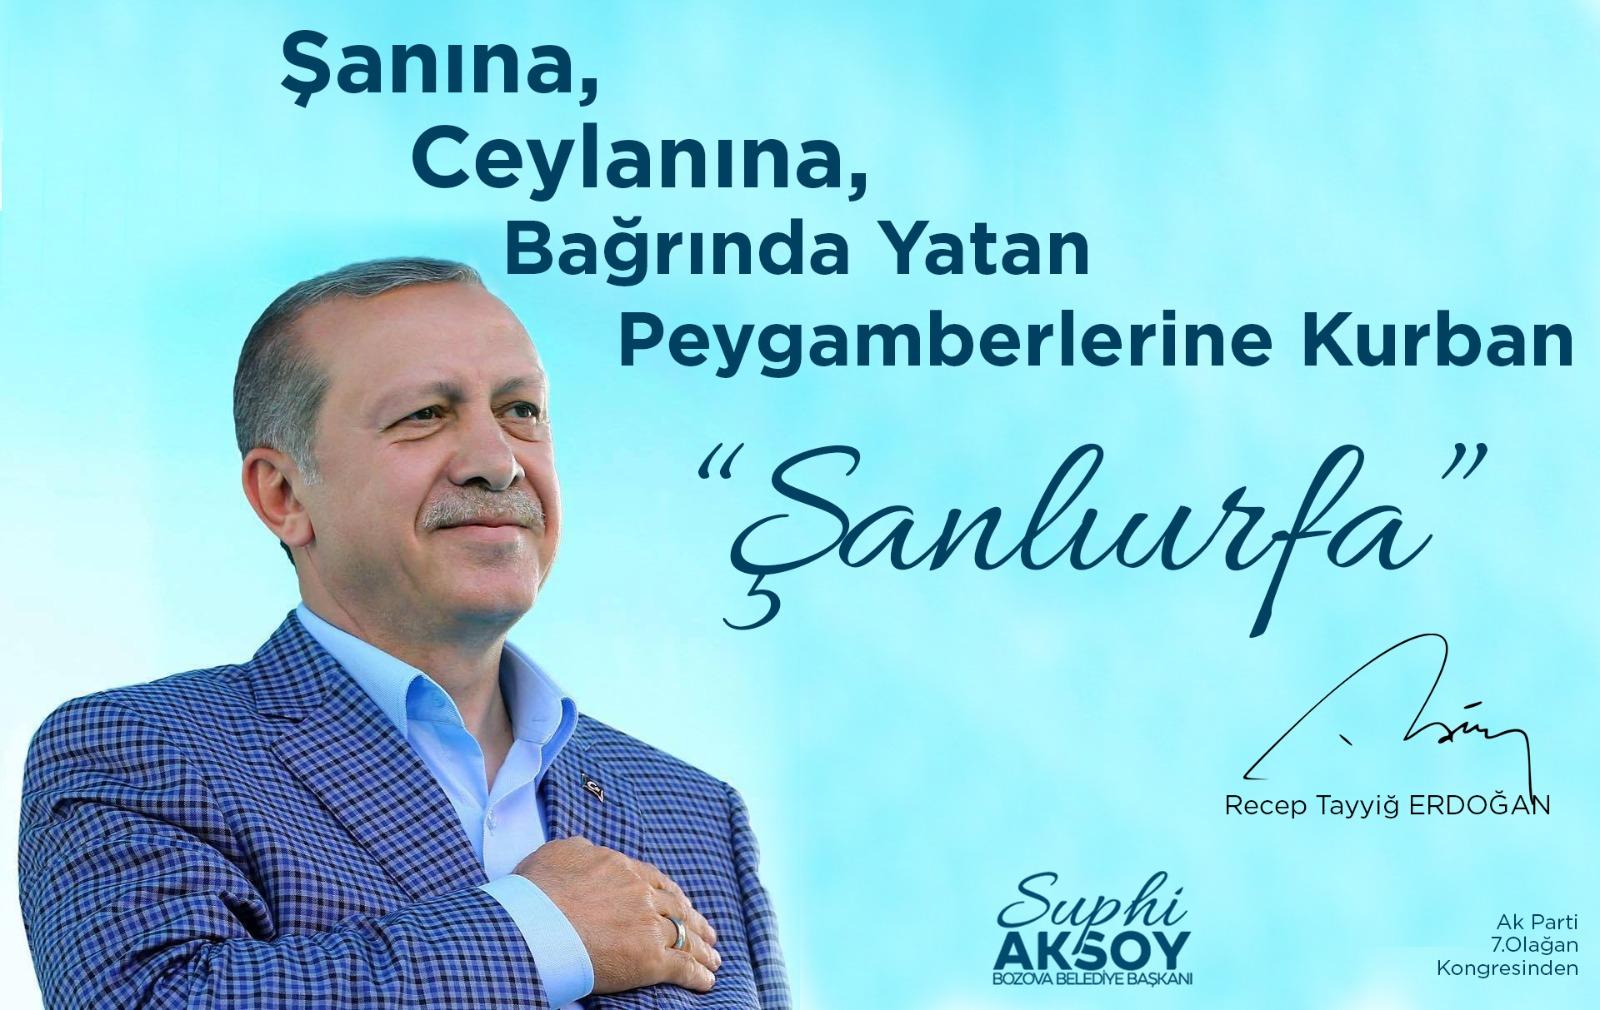 Bozova Belediye Başkanı Suphi Aksoy'dan AK Parti 7. Olağan Büyük kongre sonrası bir mesaj yayımladı.